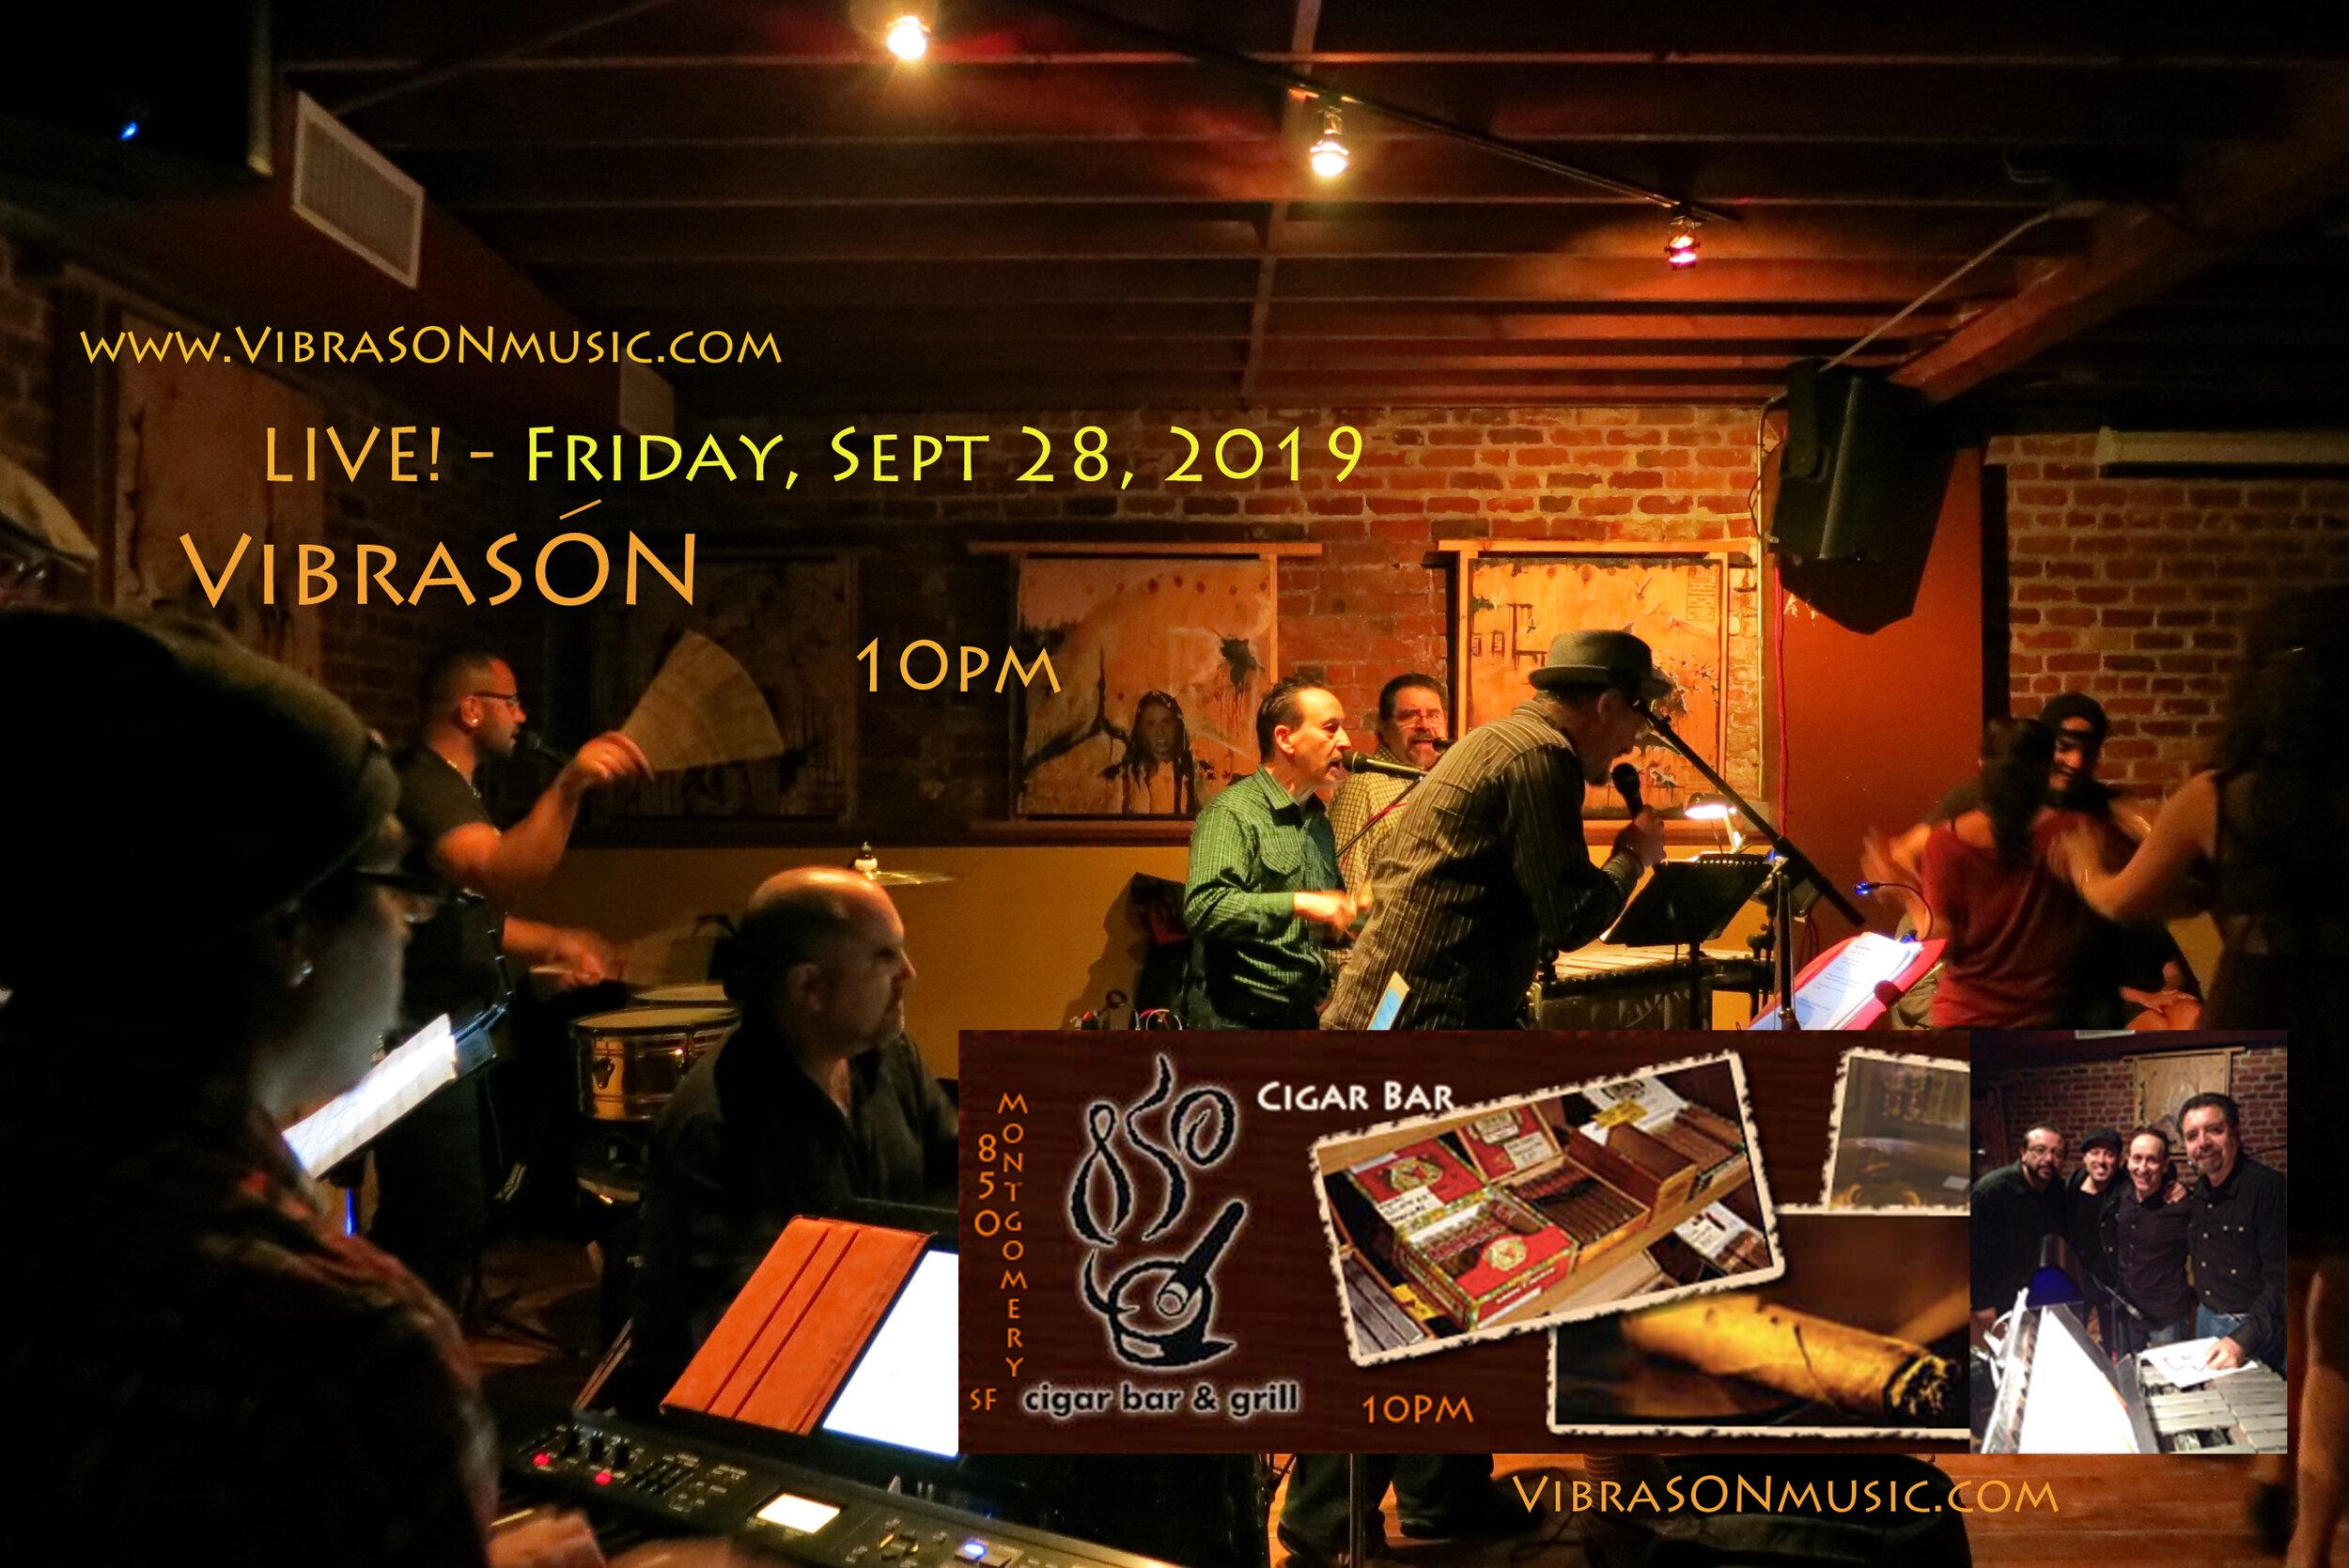 VibraSON LIVE at Cigar Bar San Francisco, Sept 28